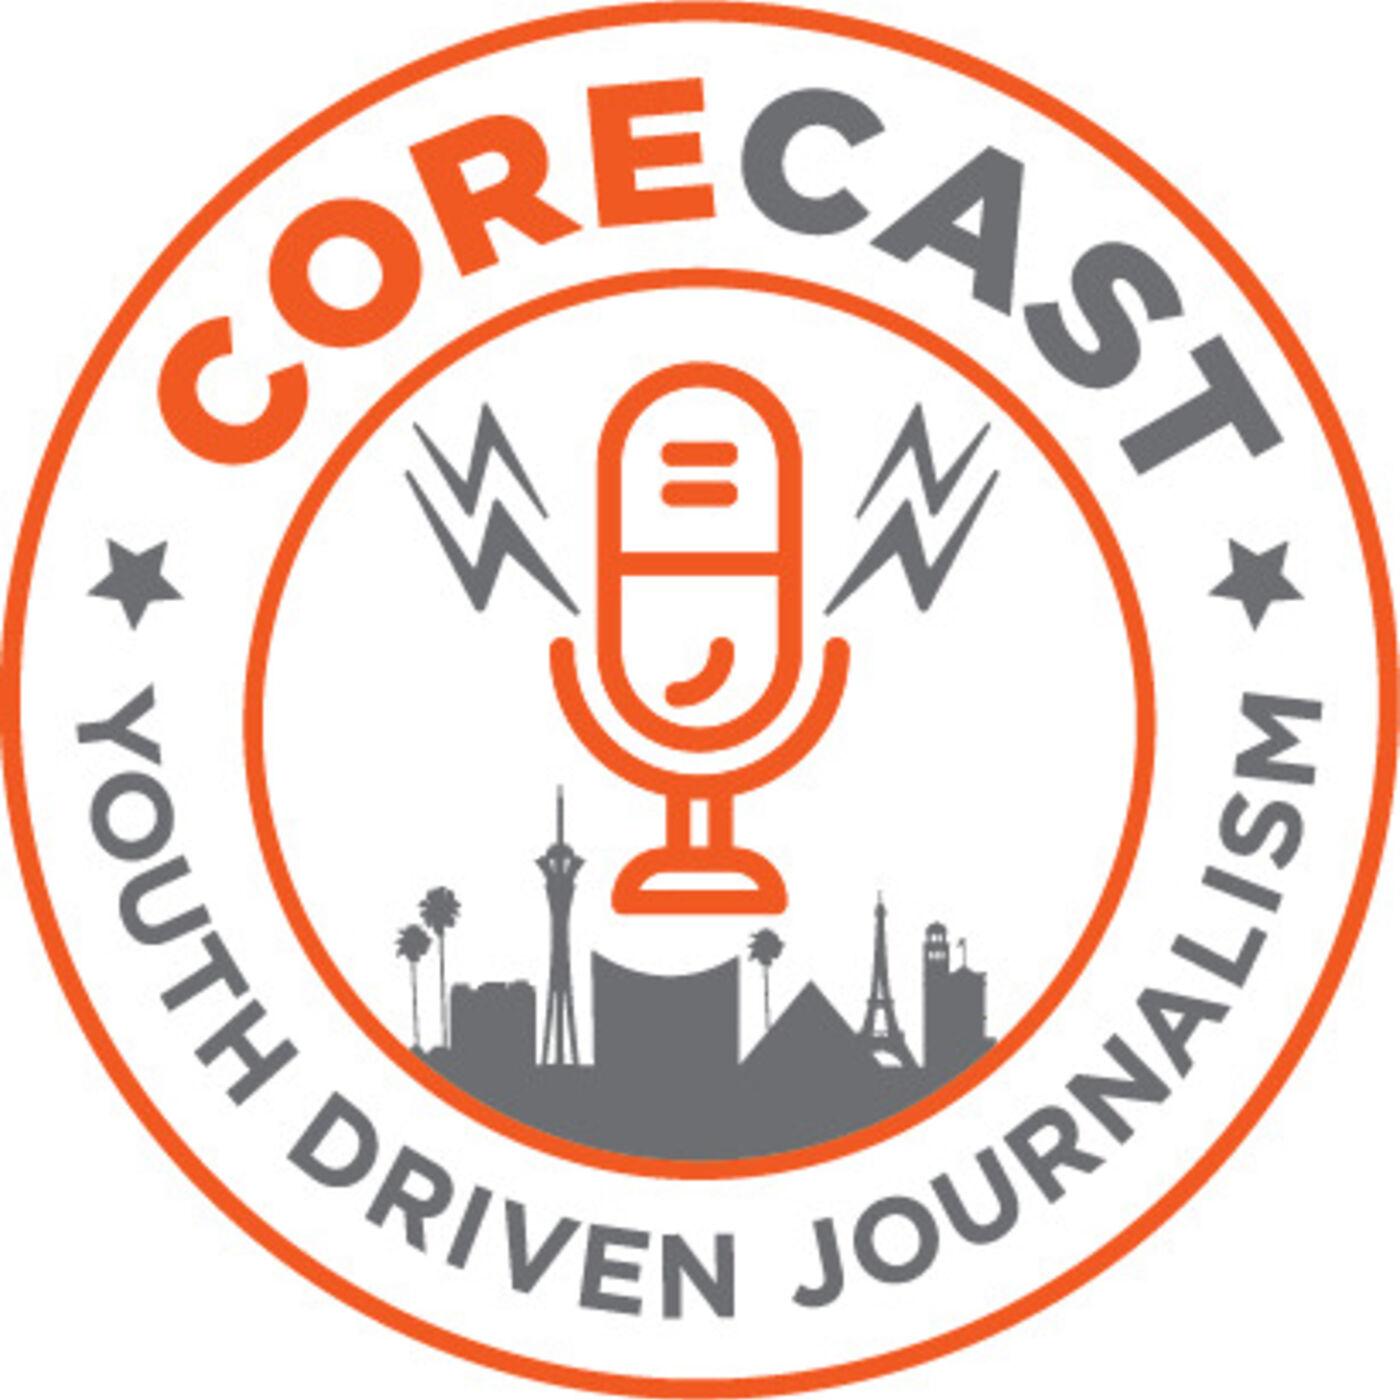 COREcast